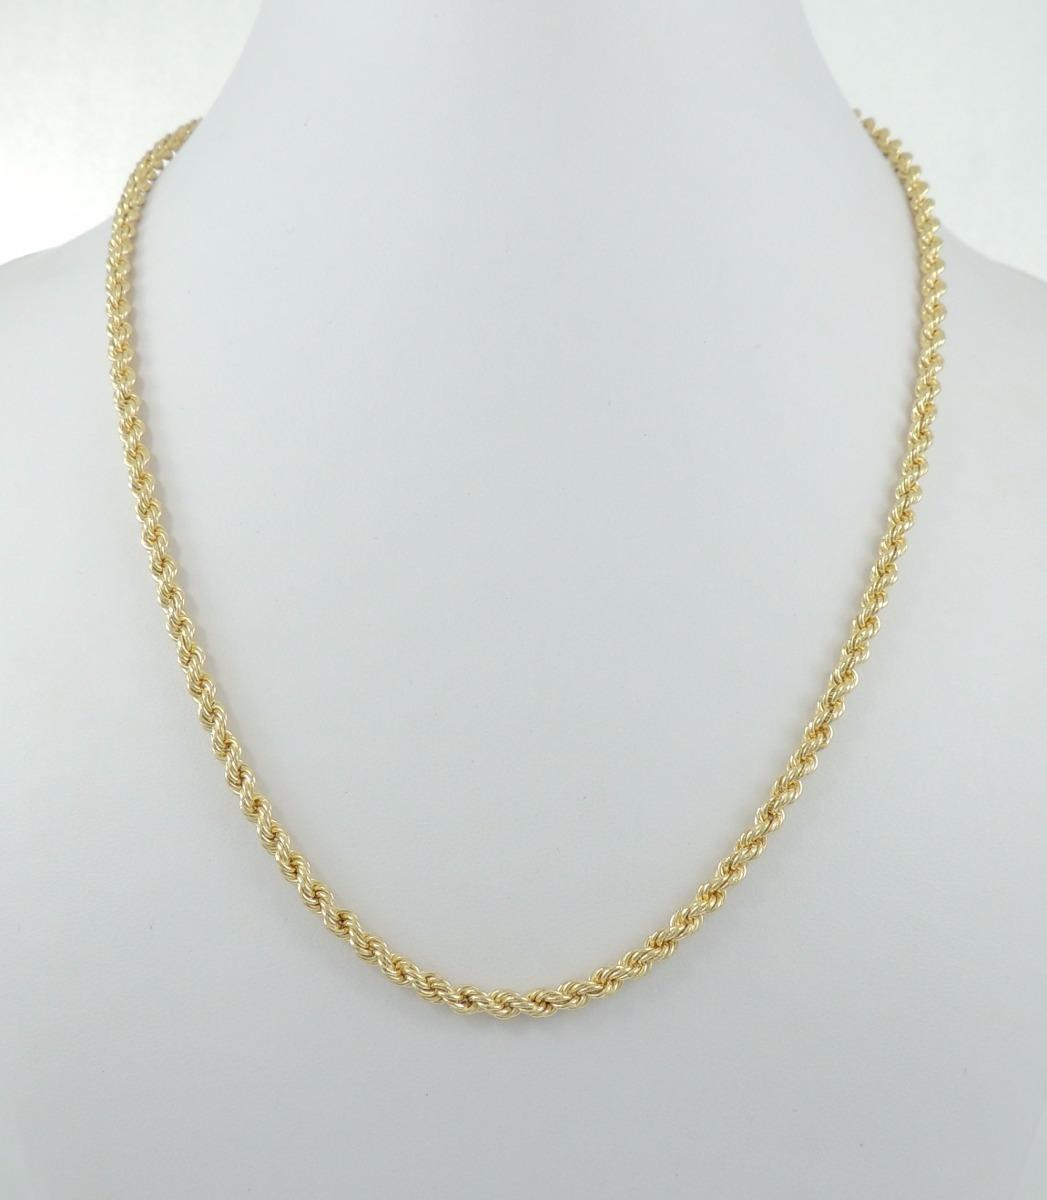 ee3b2475df6 corrente masculina corda 50 cm ouro 18k 750 cordão baiano. Carregando zoom.